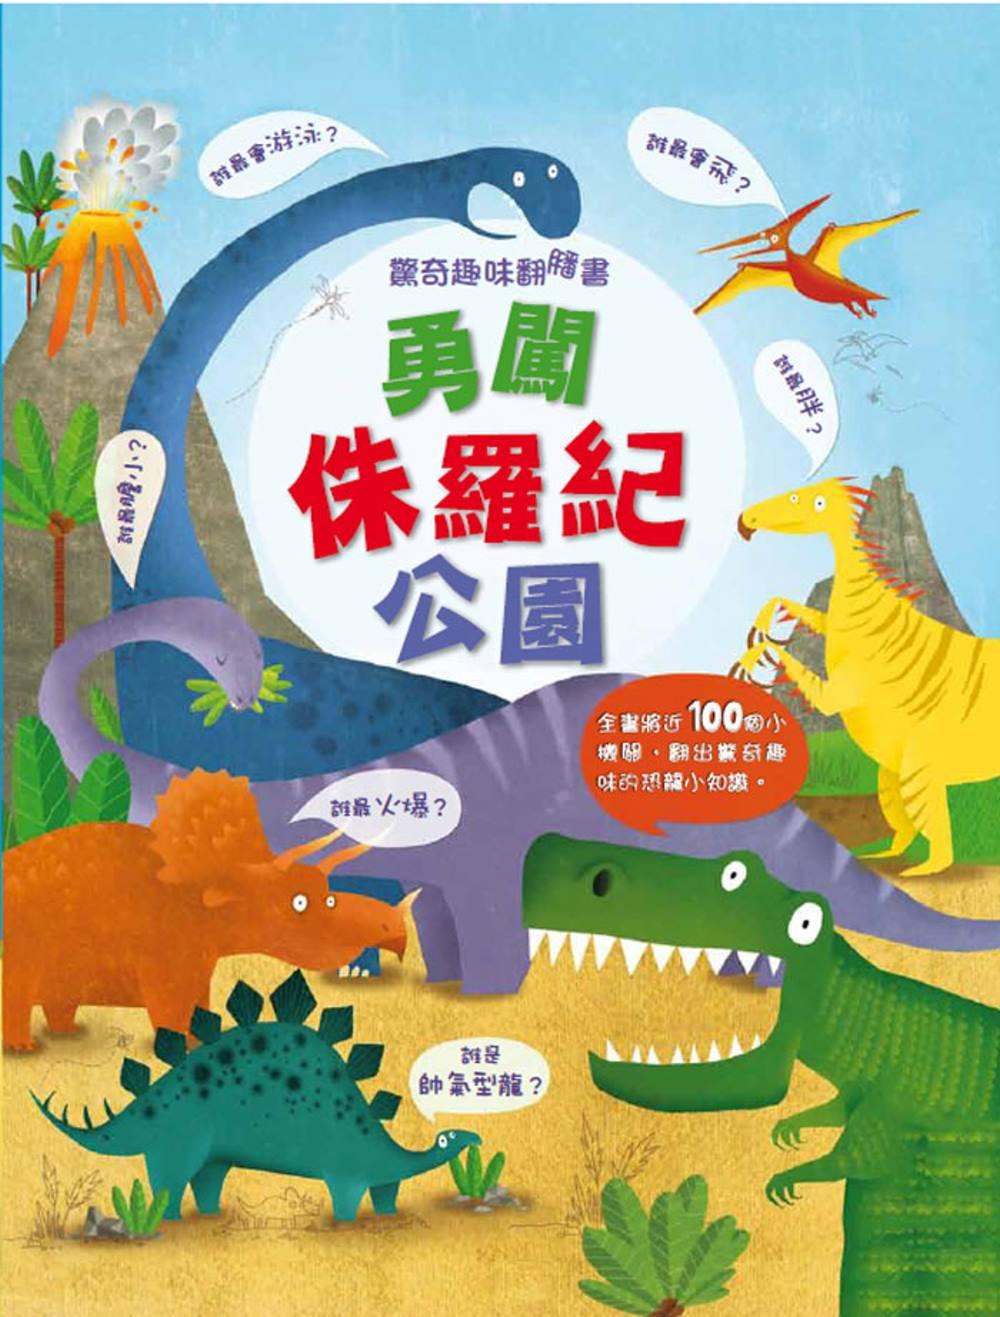 驚奇趣味翻翻書:勇闖侏羅紀